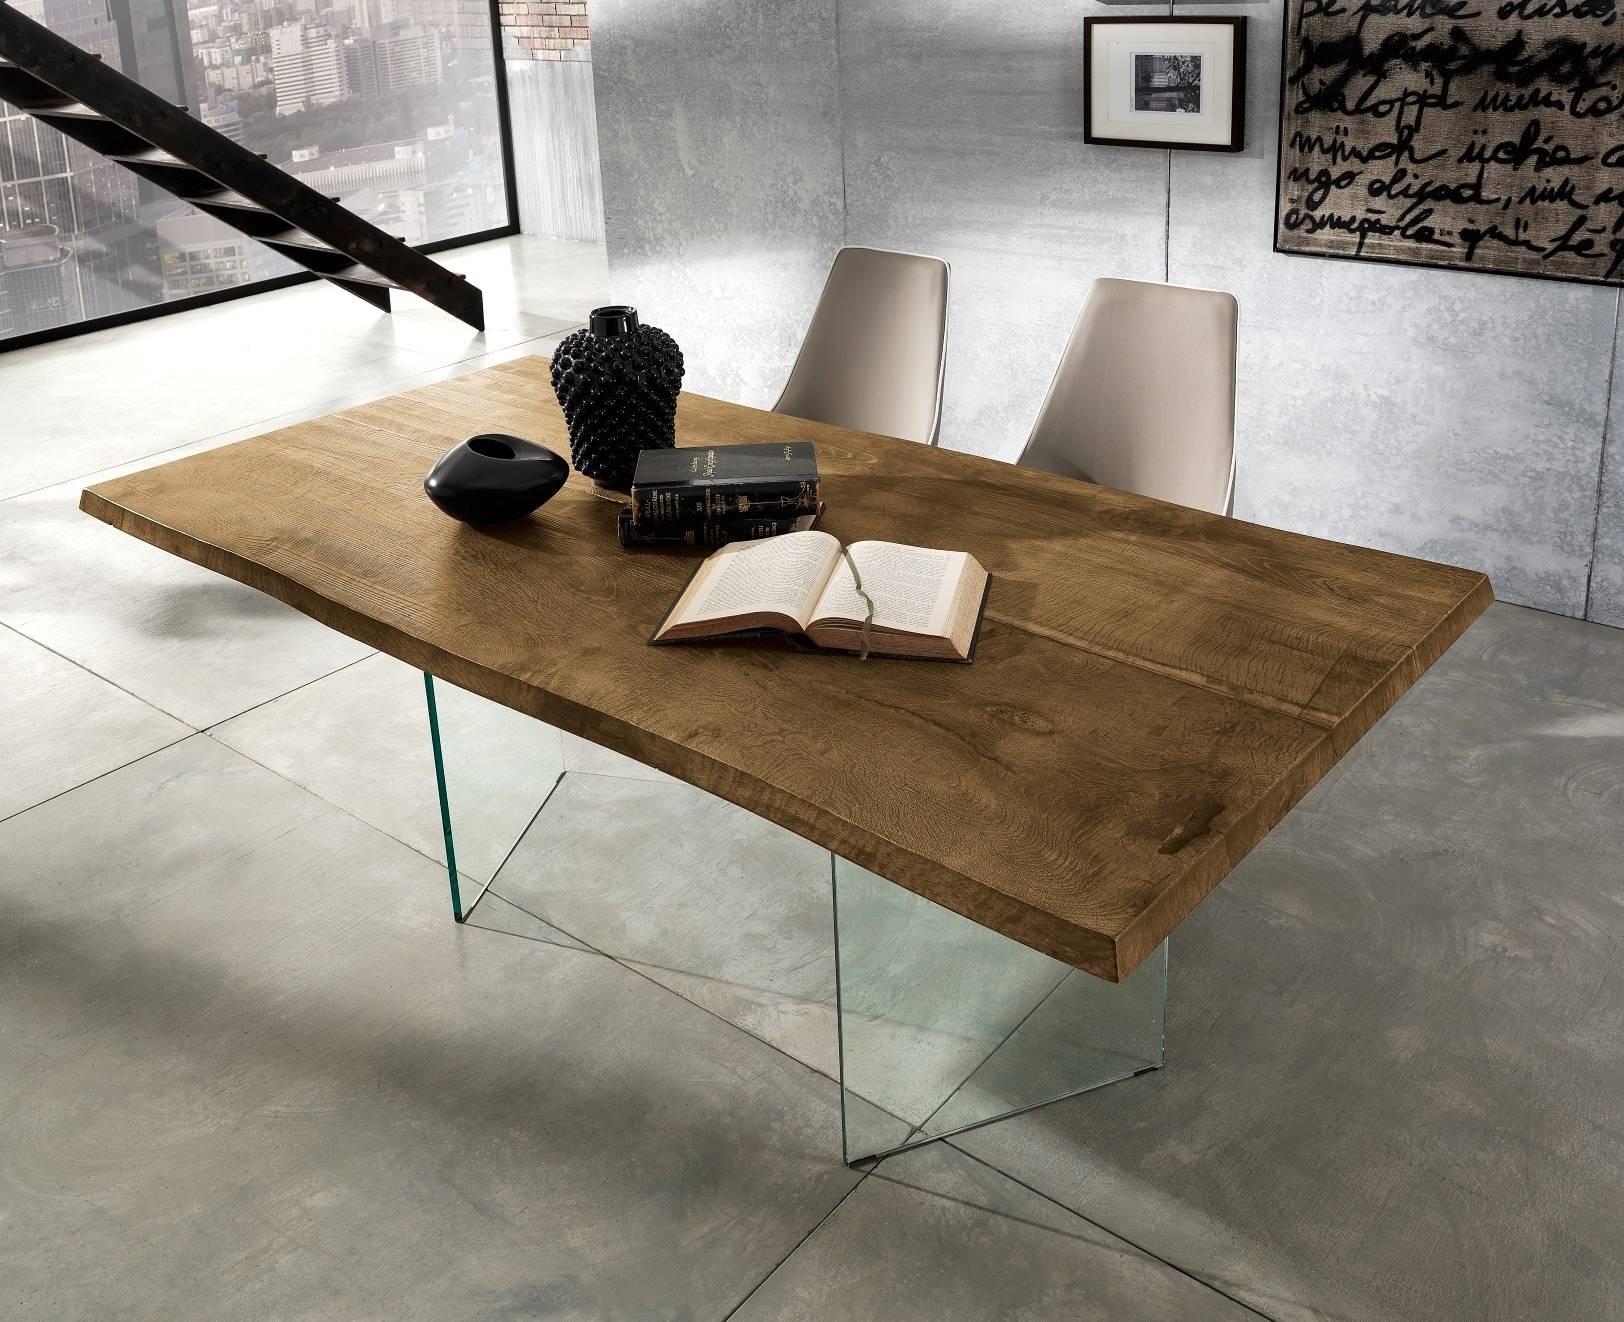 tavolo_in_legno_maxhome_modello_terrah_con_basamento_in_vetro_vista_dallalto_rit